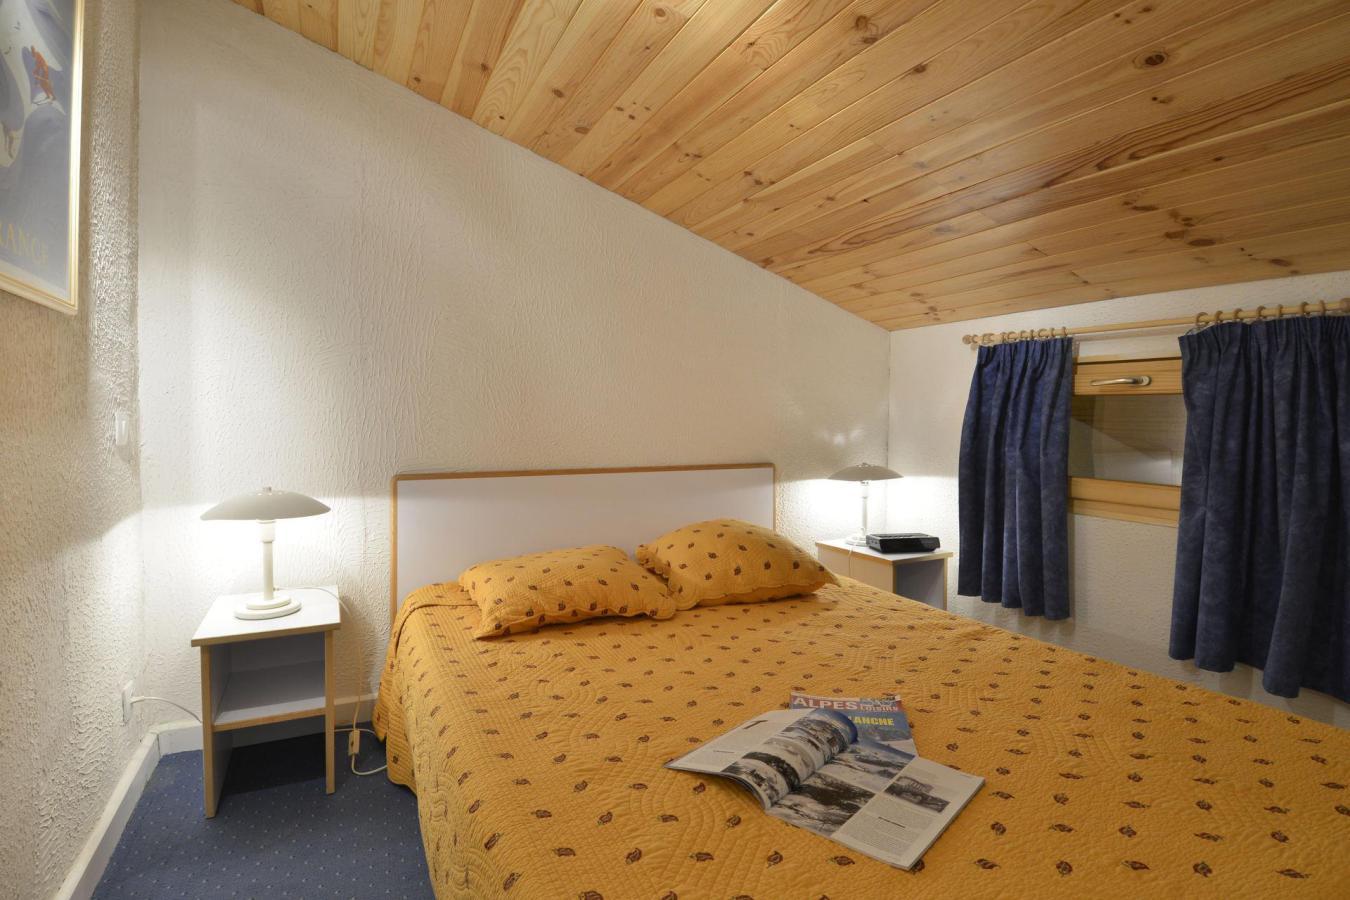 Location au ski Appartement 3 pièces 6 personnes (515) - La Residence Licorne - La Plagne - Lits superposés